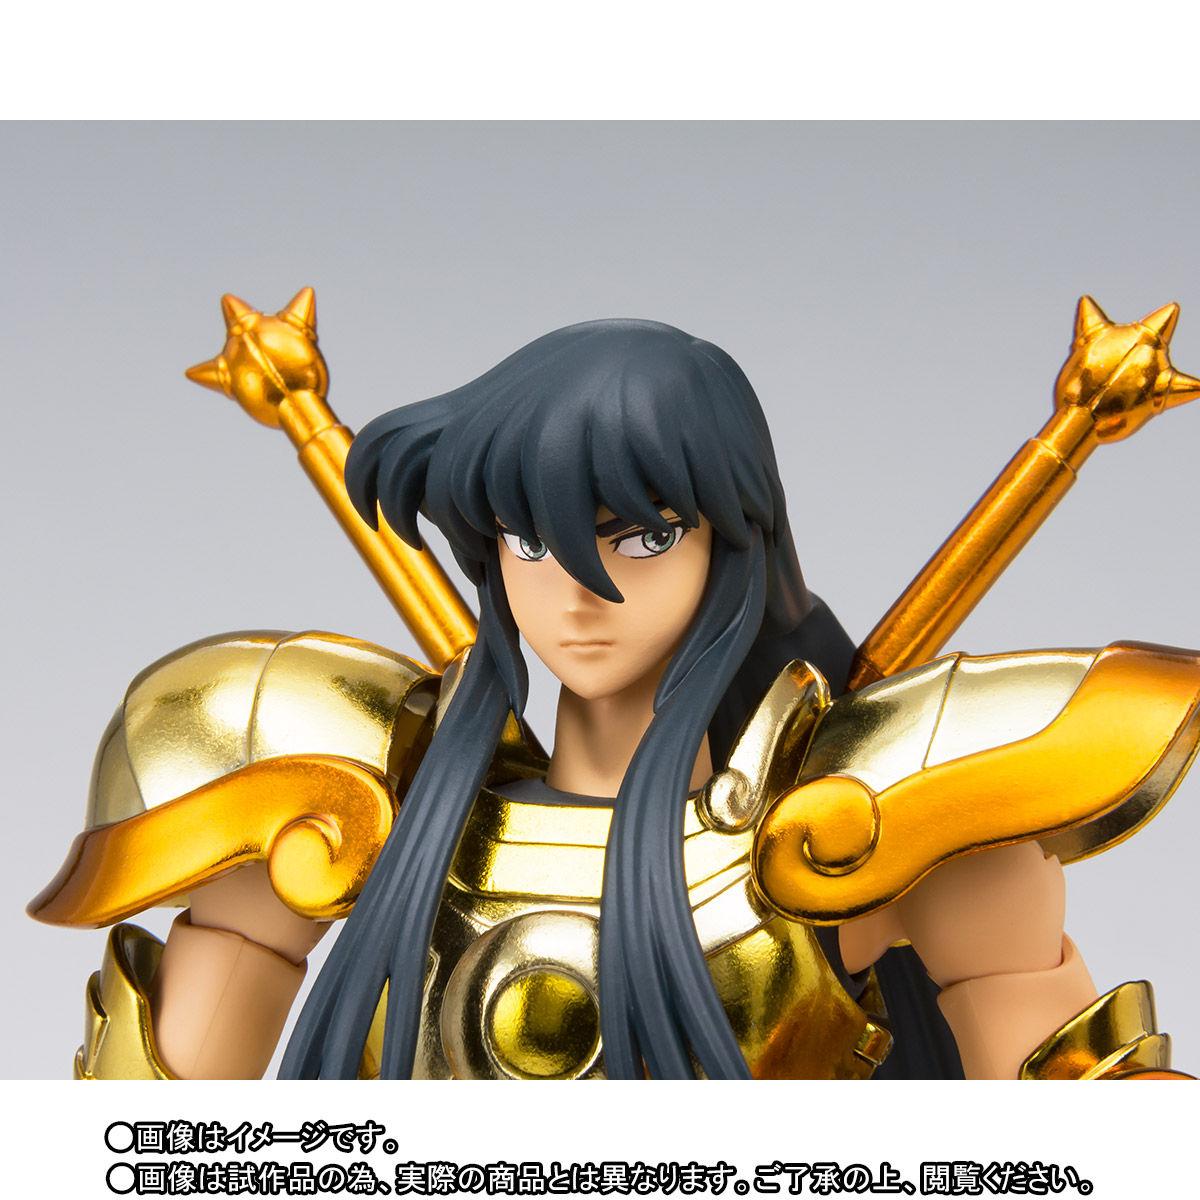 【限定販売】聖闘士聖衣神話EX『ライブラ紫龍』可動フィギュア-006